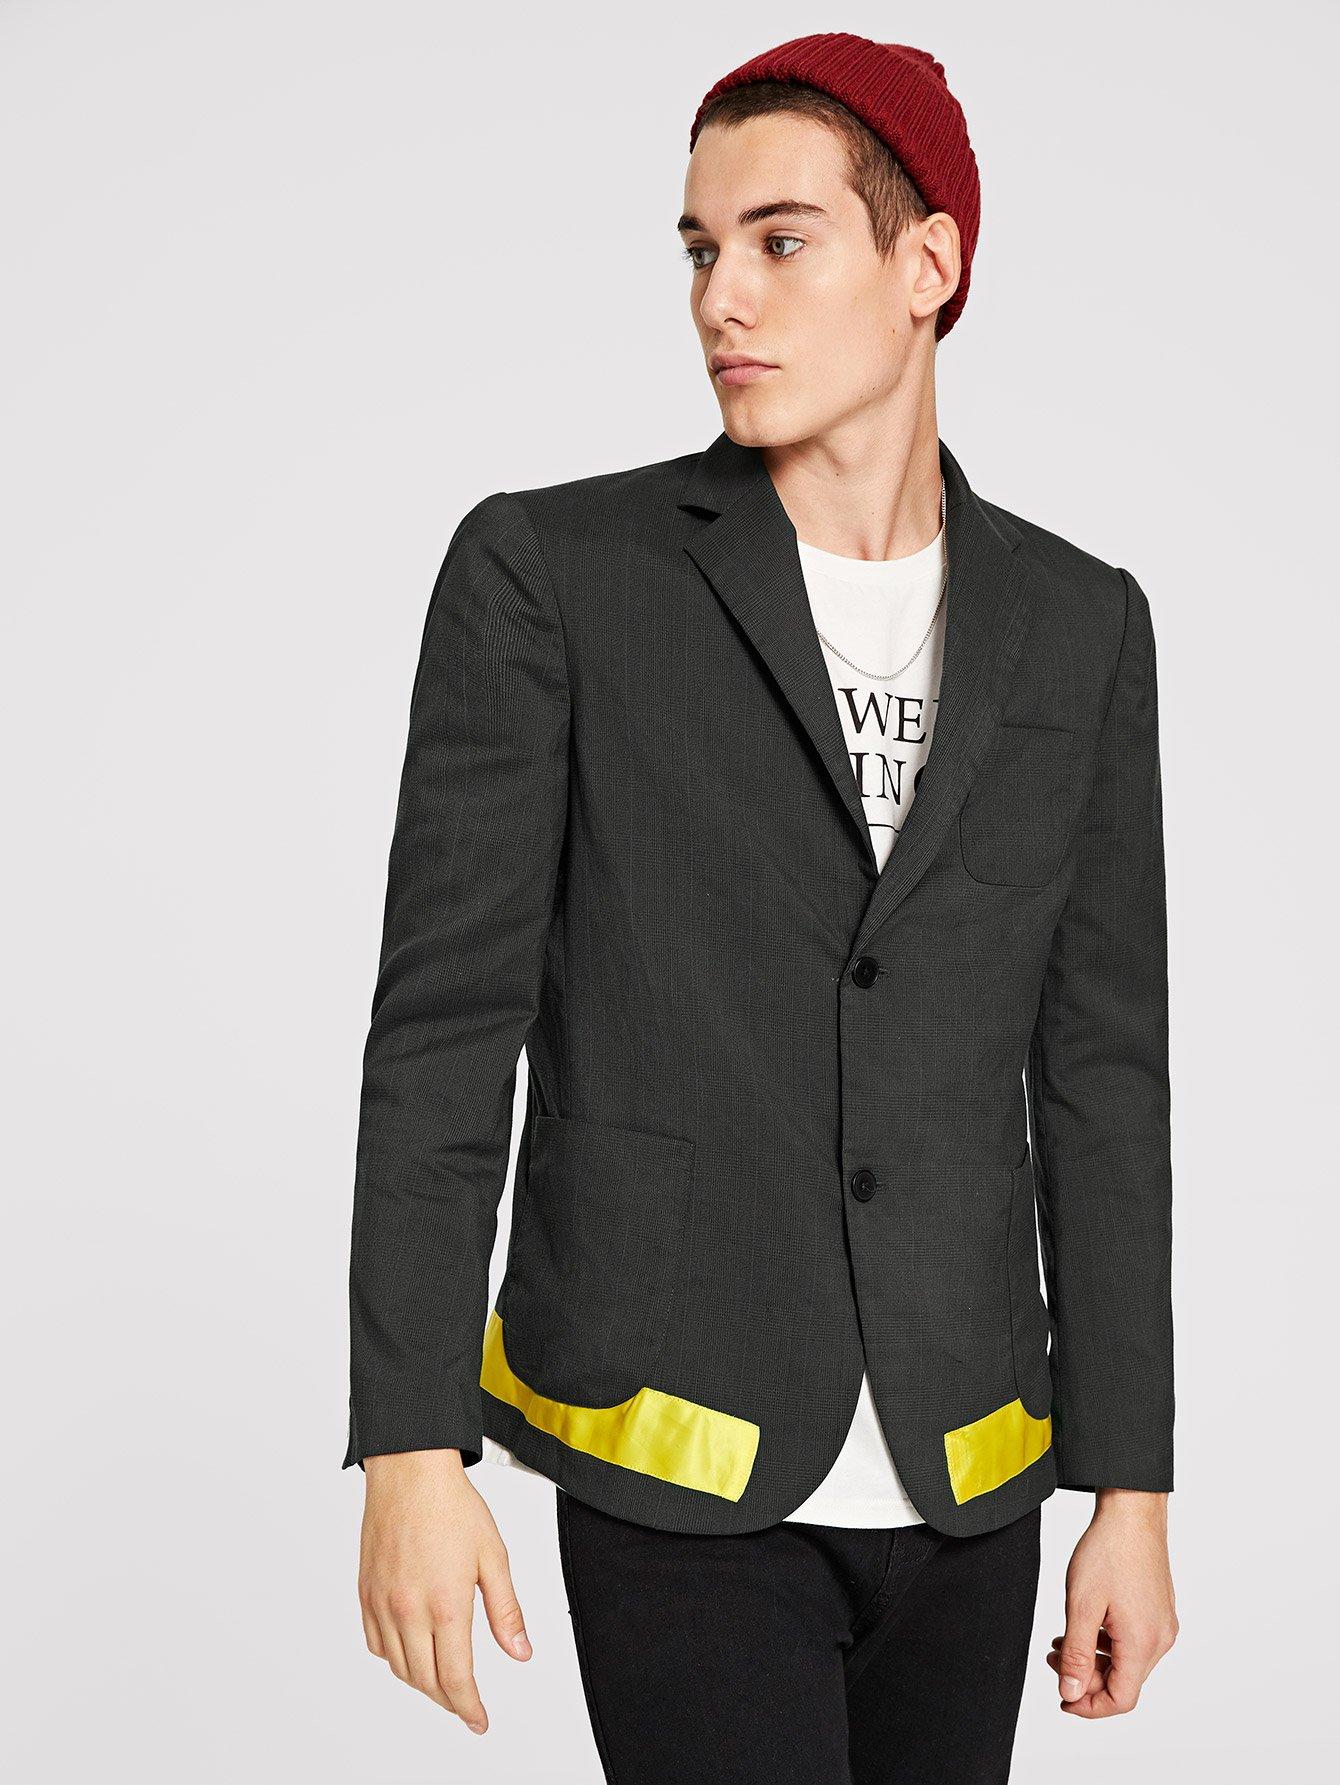 Купить Мужские одиночные брючные карманные блейзеры, Misha, SheIn